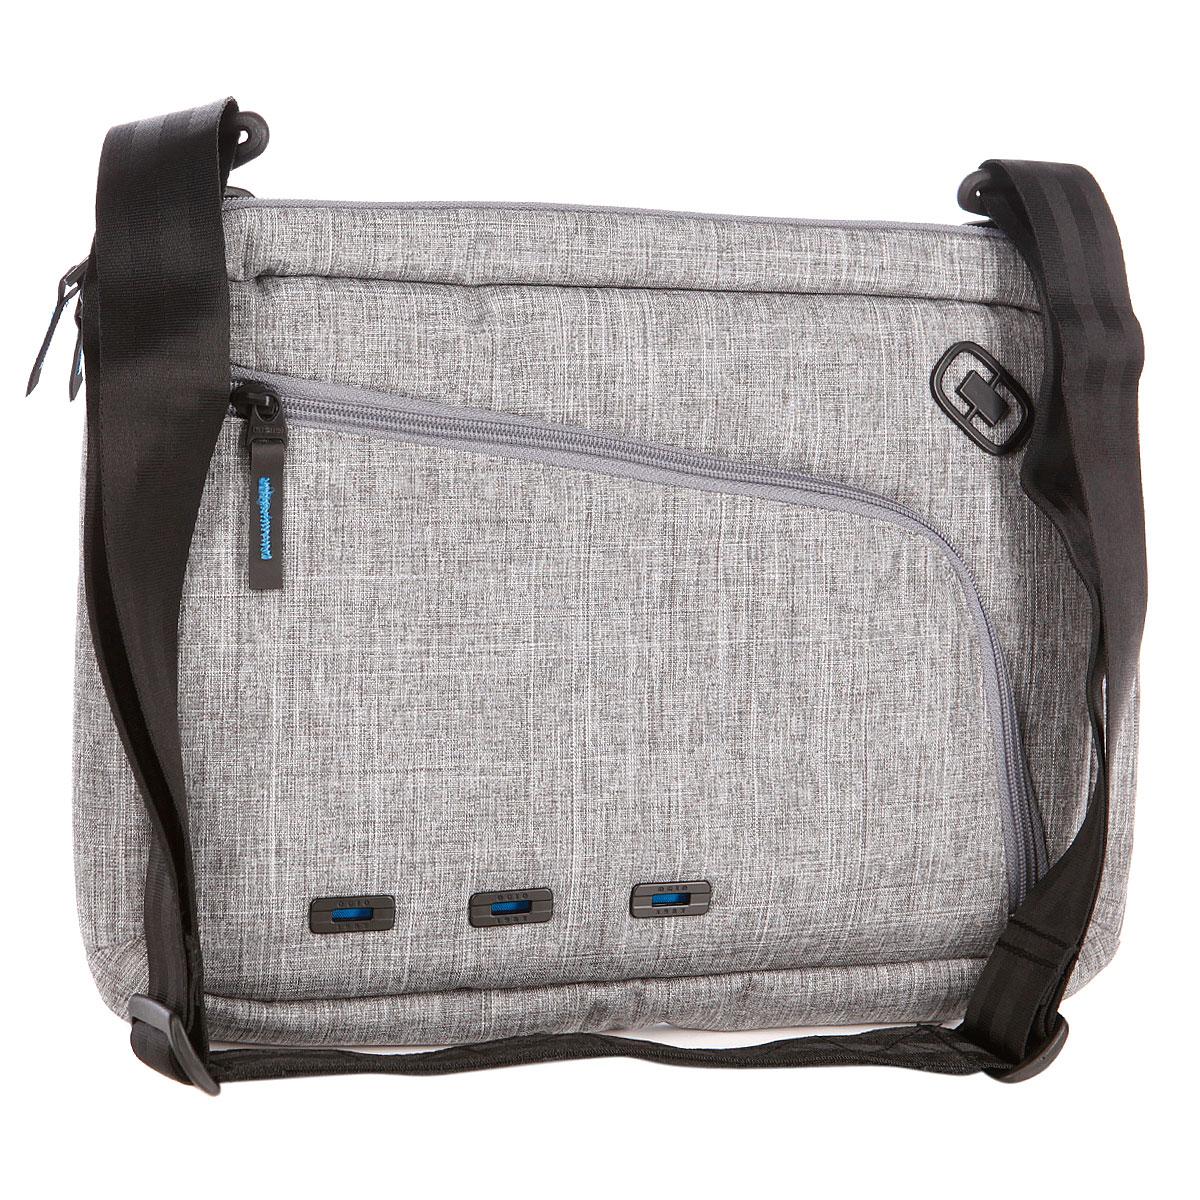 Сумка для ноутбука Ogio Newt Slim Case, до 15, цвет: серый, 10 лDRF-F367Сумка для ноутбука OGIO Newt Slim Case - идеальная сумка для походов по траектории дом-офис или офис-кофейня, но можно и изменить маршрут, потому что, в любом случае, в ней можно всегда удобно и безопасно переносить 15-дюймовый ноутбук, планшет, документы и все остальные необходимые мелочи и гаджеты.OGIO – высокотехнологичный продукт от американского производителя. Вместимые сумки для путешествий, работы и отдыха, специальная коллекция городских сумок для женщин, жесткие боксы под мелкий инвентарь и многое другое.